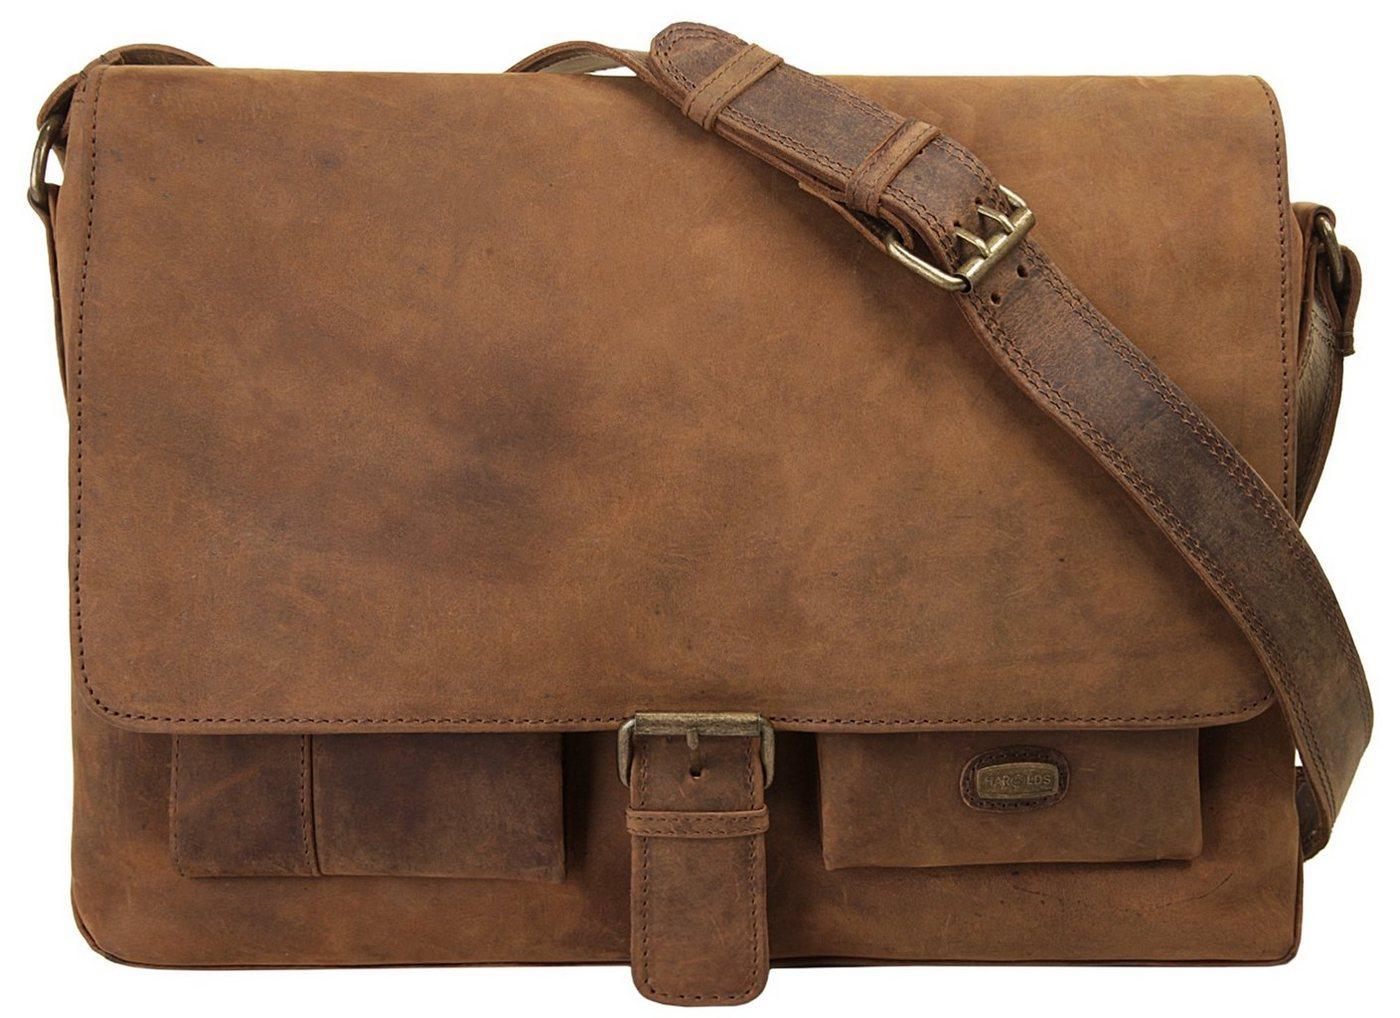 Harold´s Messenger Bag »ANTIC«, vegetabil gegerbt | Taschen > Business Taschen > Messenger Bags | Braun | Harold´s